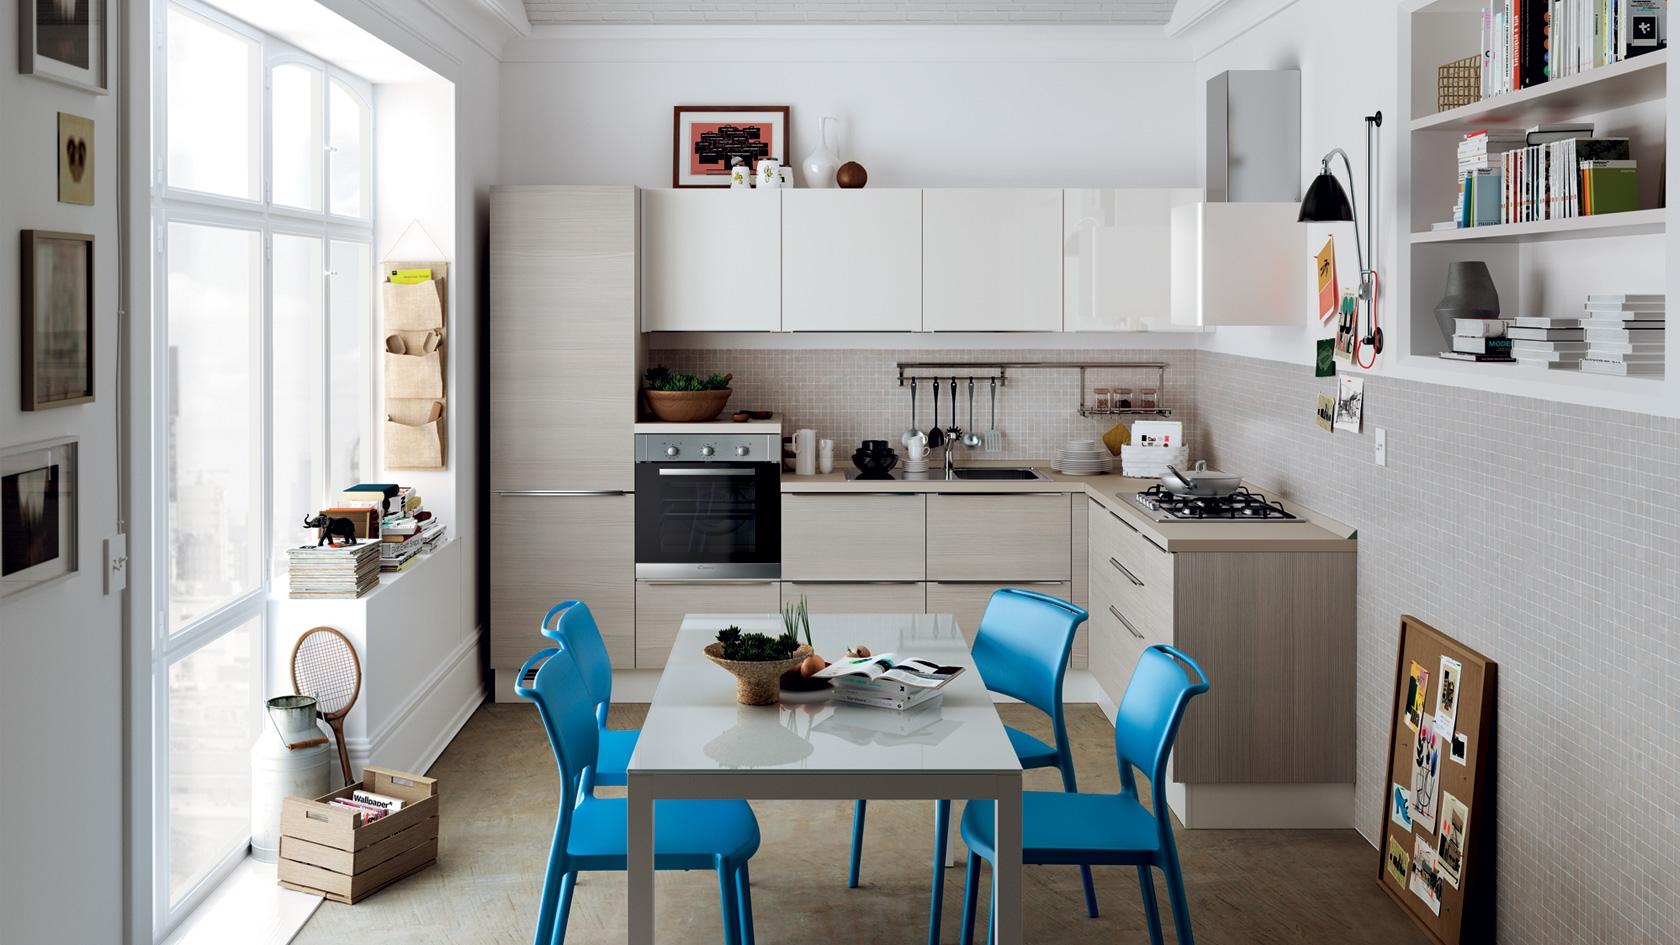 Cucina scavolini modello easy urban cucine a prezzi scontati for Costo cucina scavolini